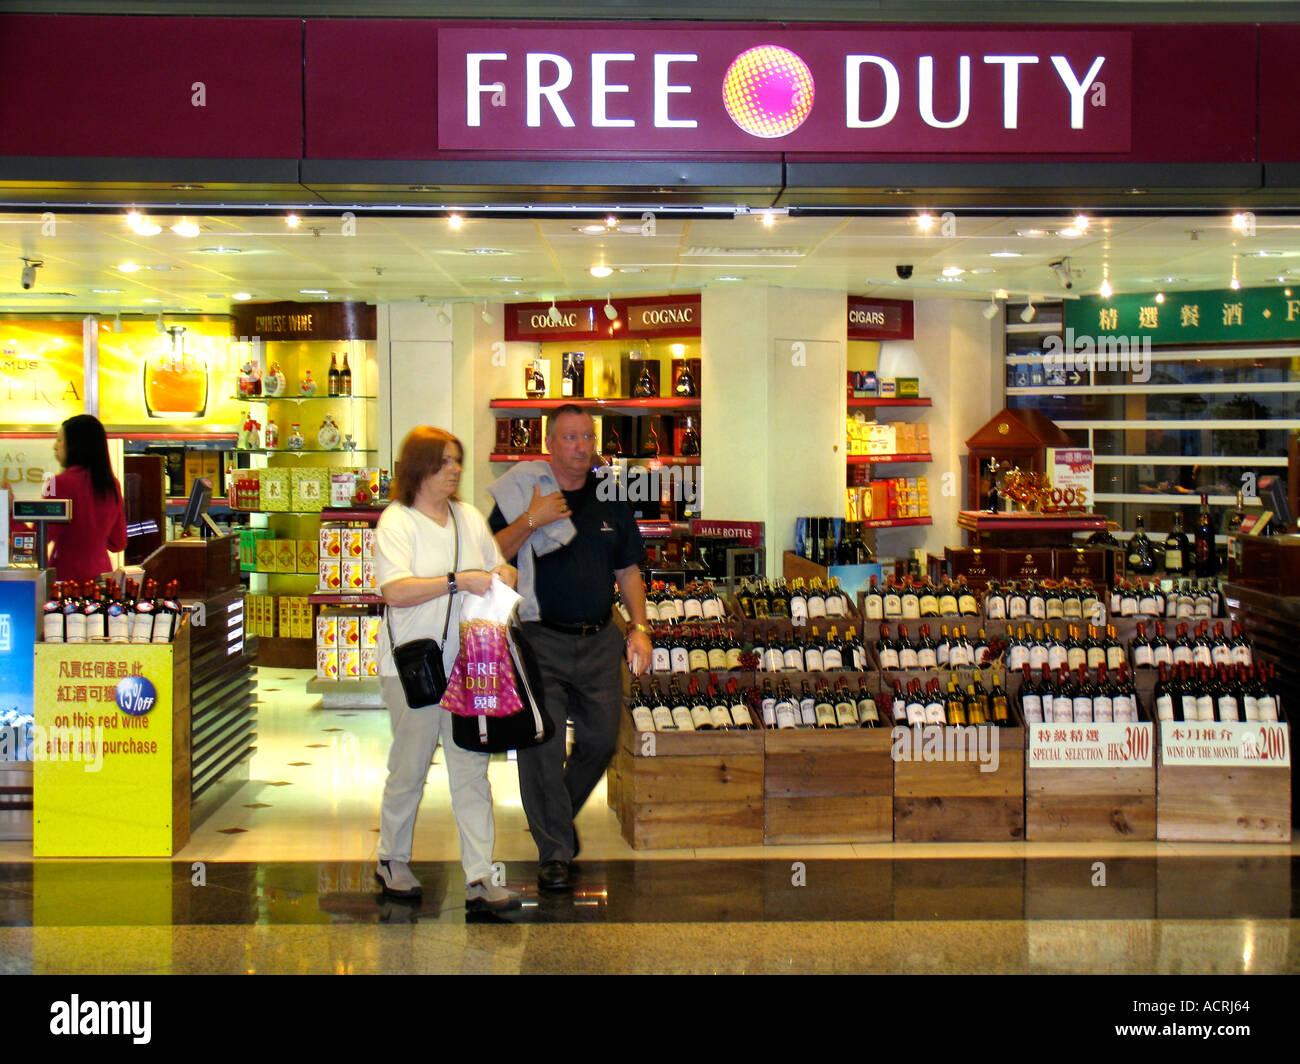 Duty free shopping Chek Lap Kok airport Hong Kong China - Stock Image